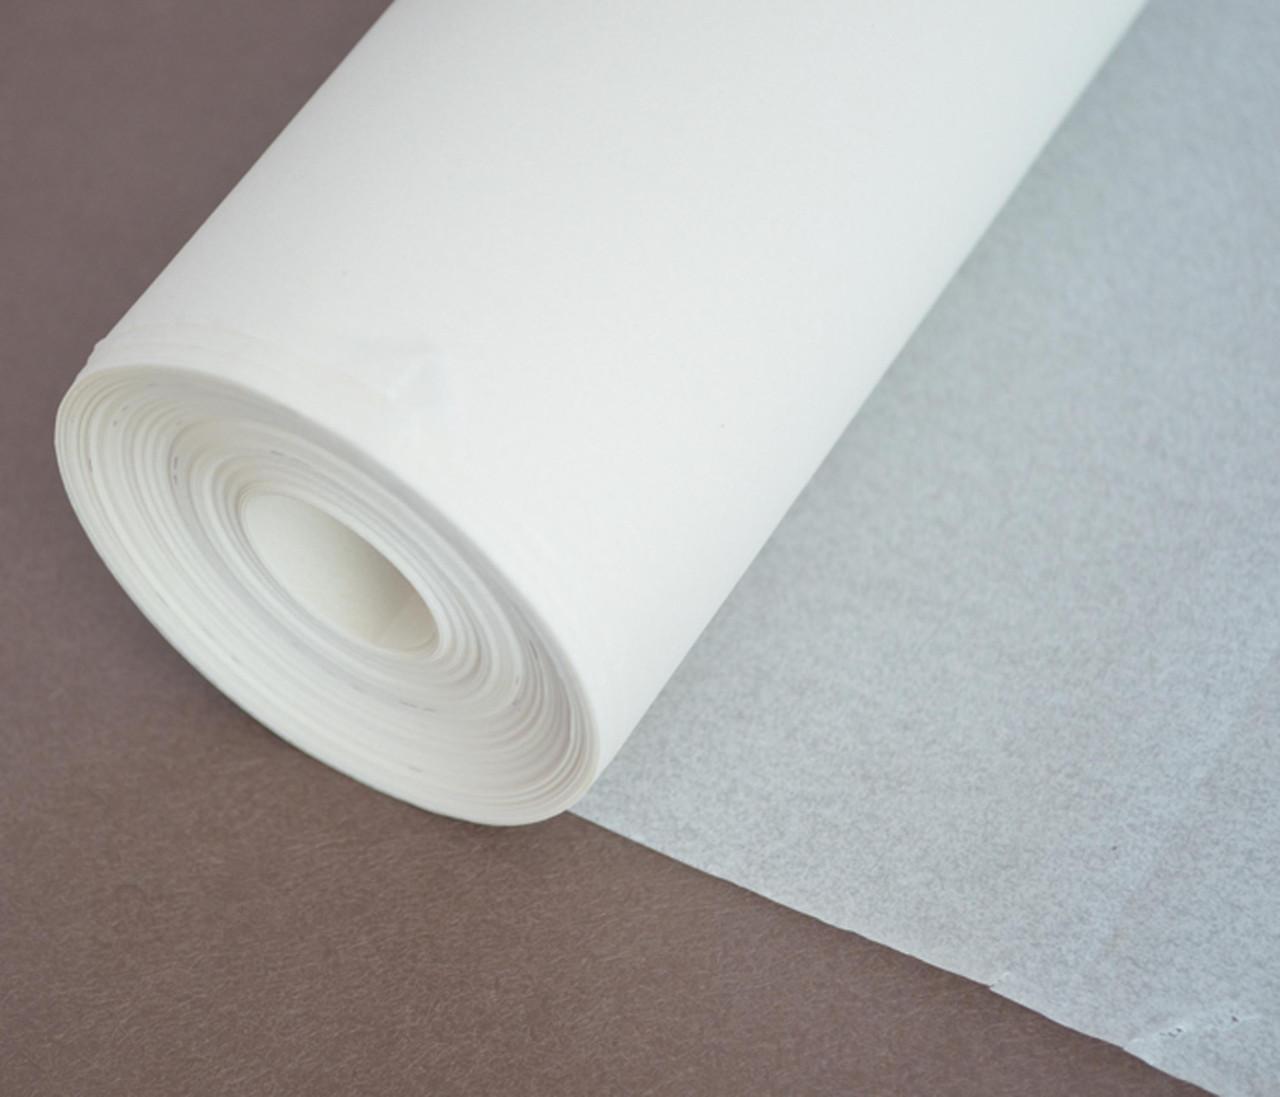 Калька бумага под карандаш 640мм*40м прозрачная пл.52г/м2, рулон